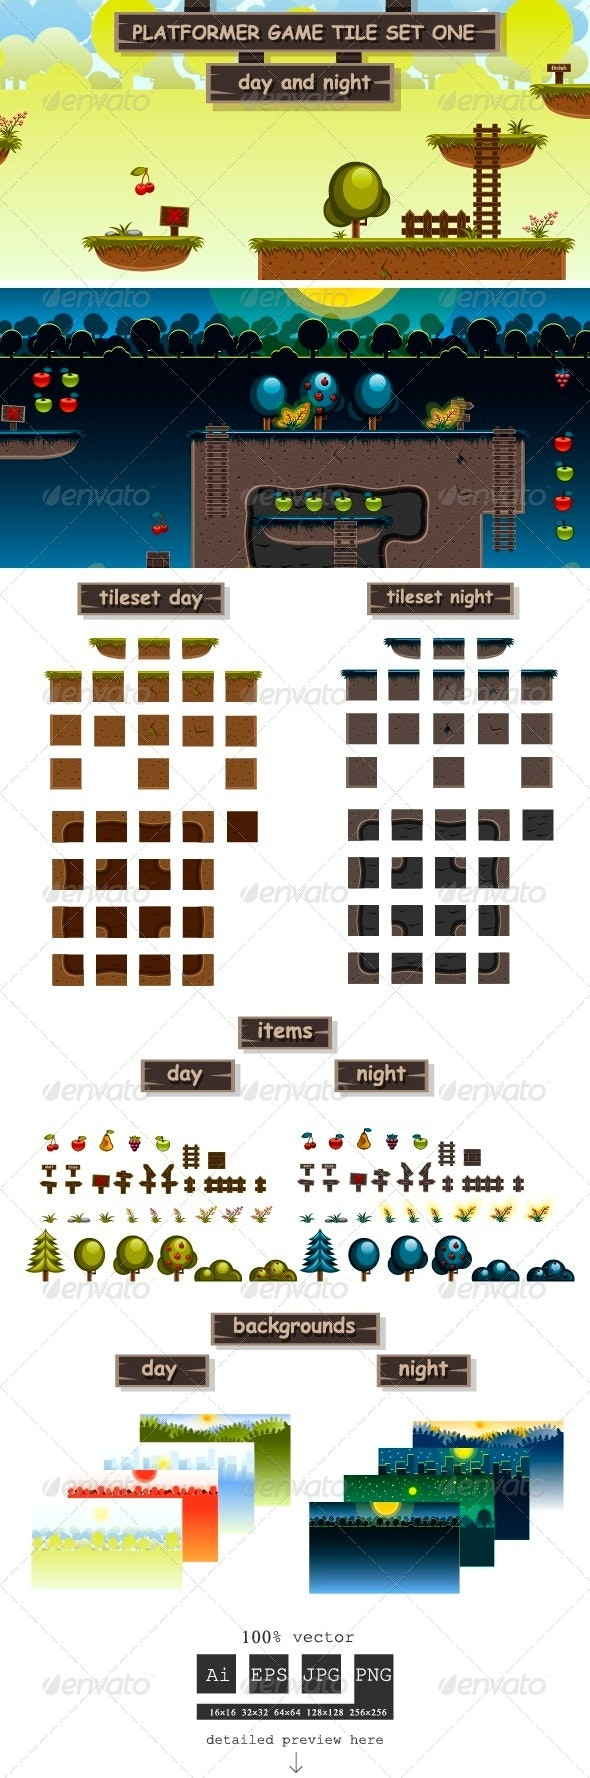 Platformer Game Tile Set One - Tilesets Game Assets